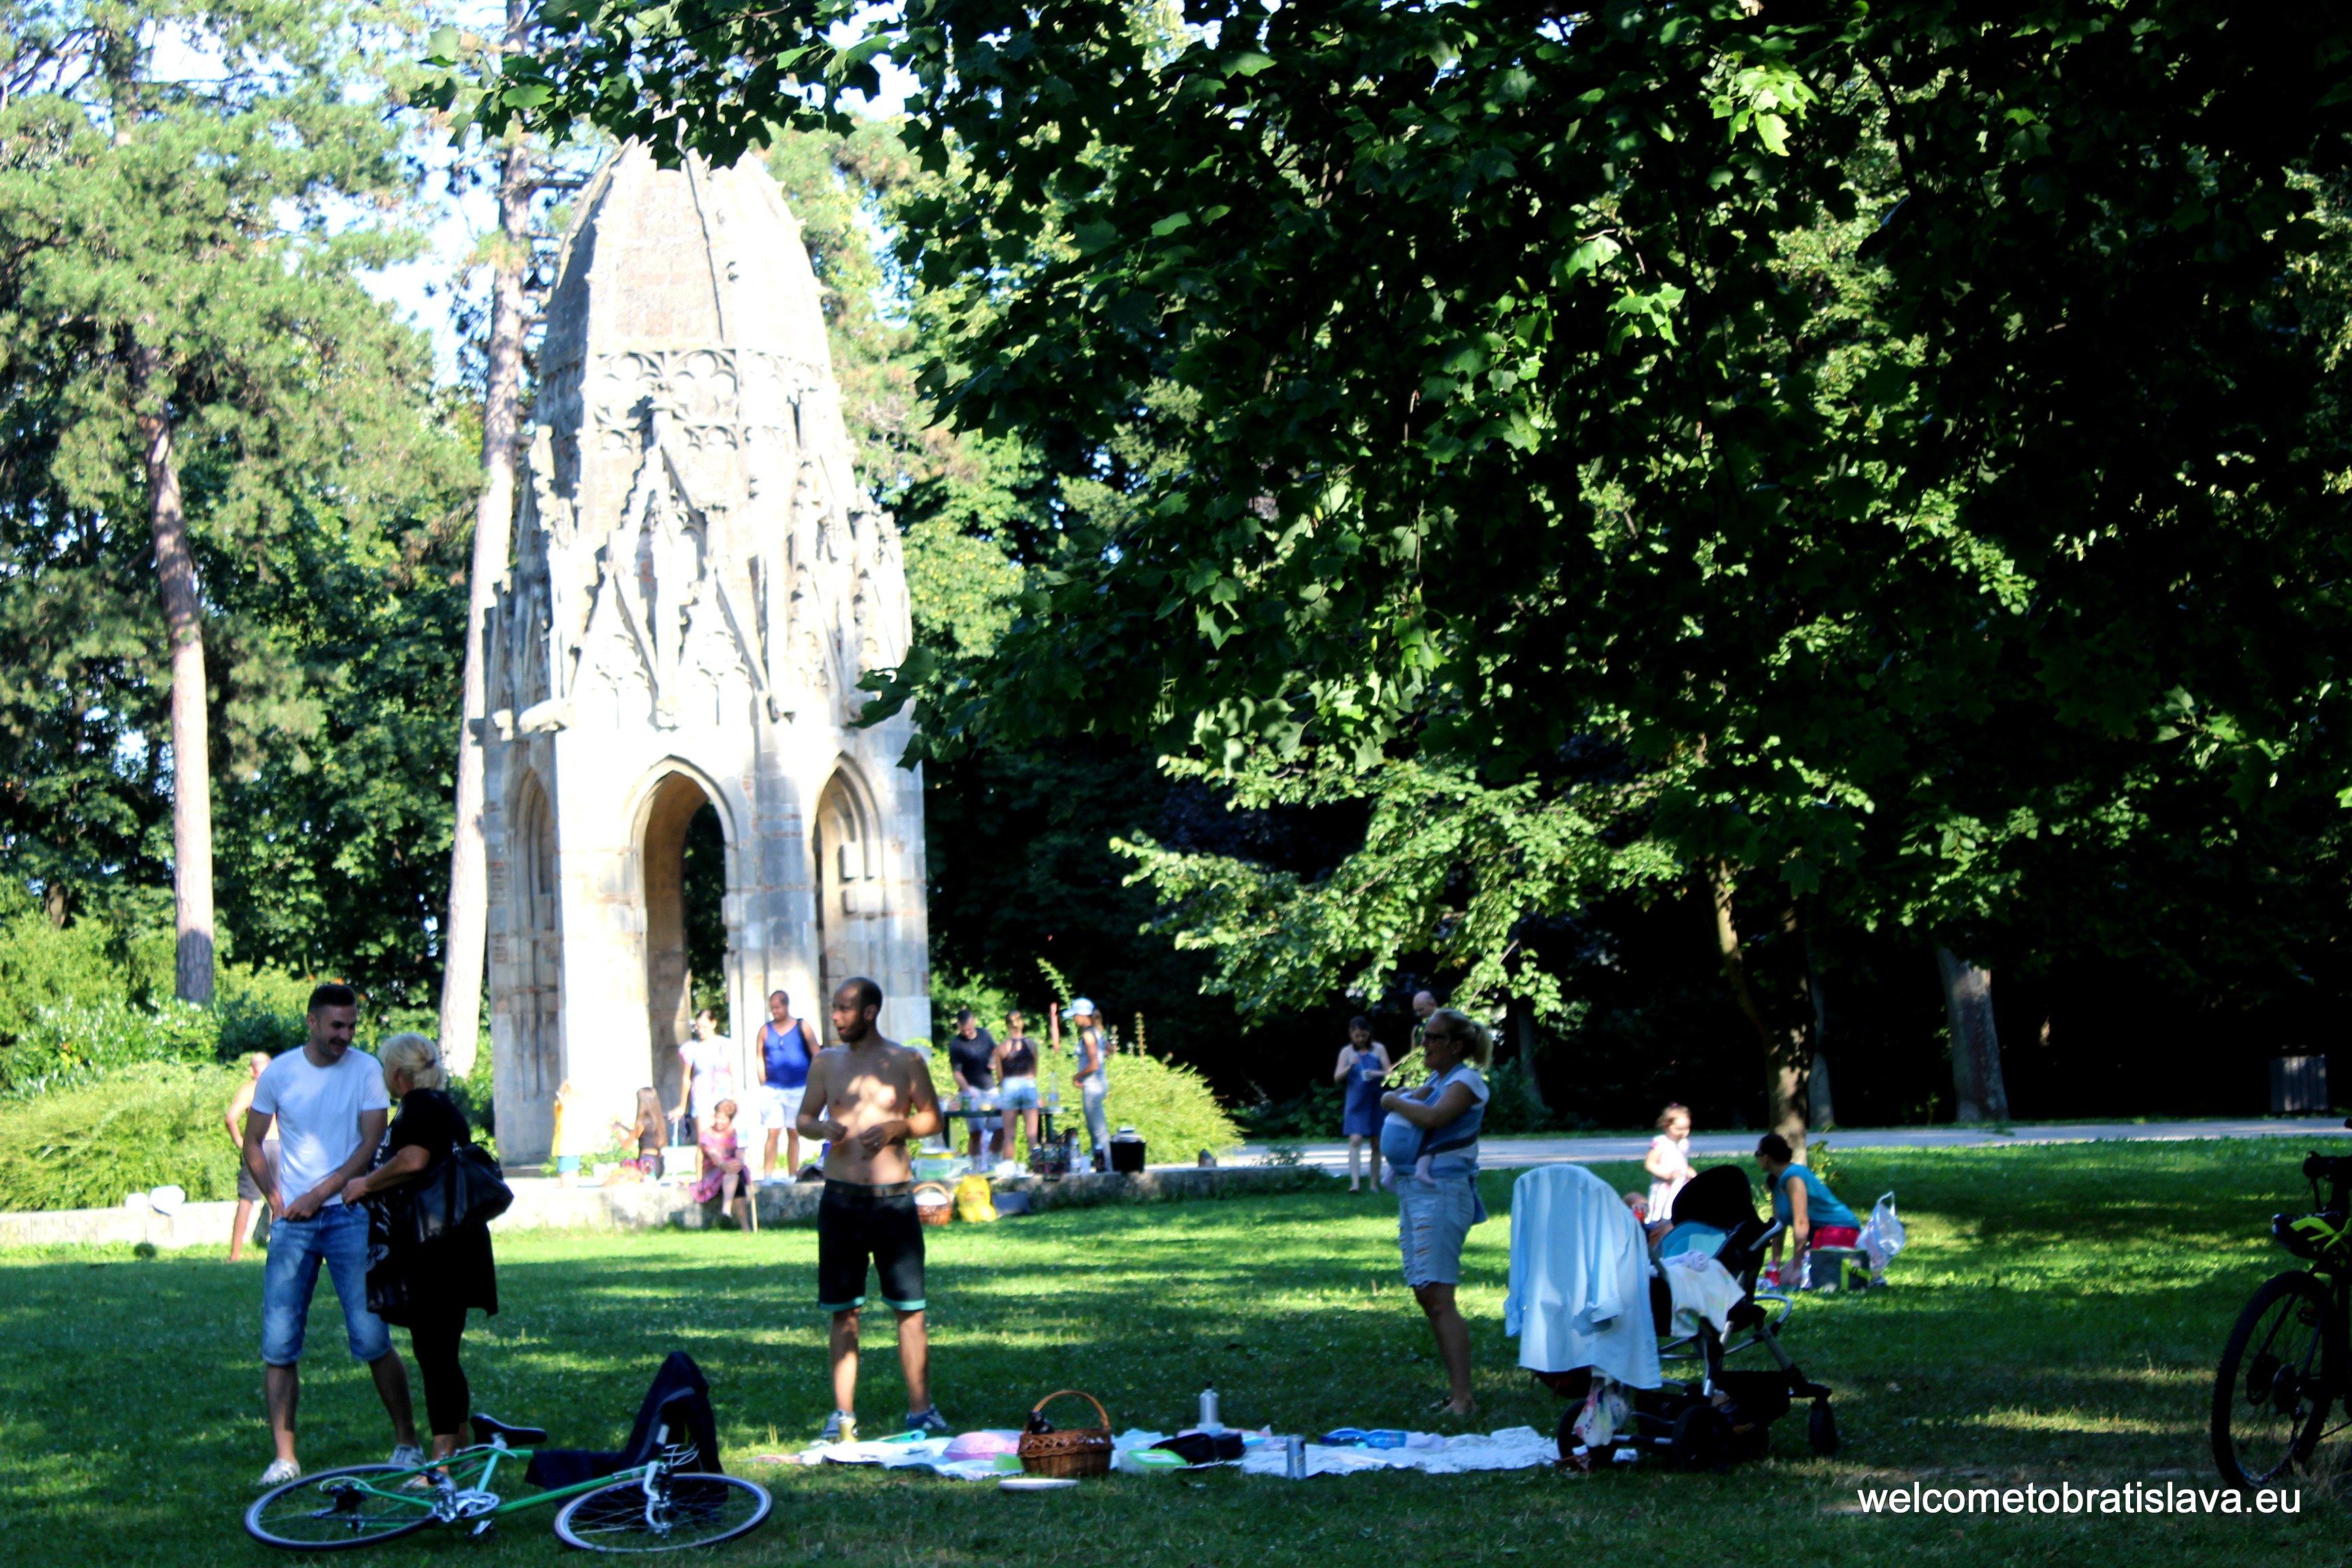 Outdoor places for kids in Bratislava - Sad Janka Krala